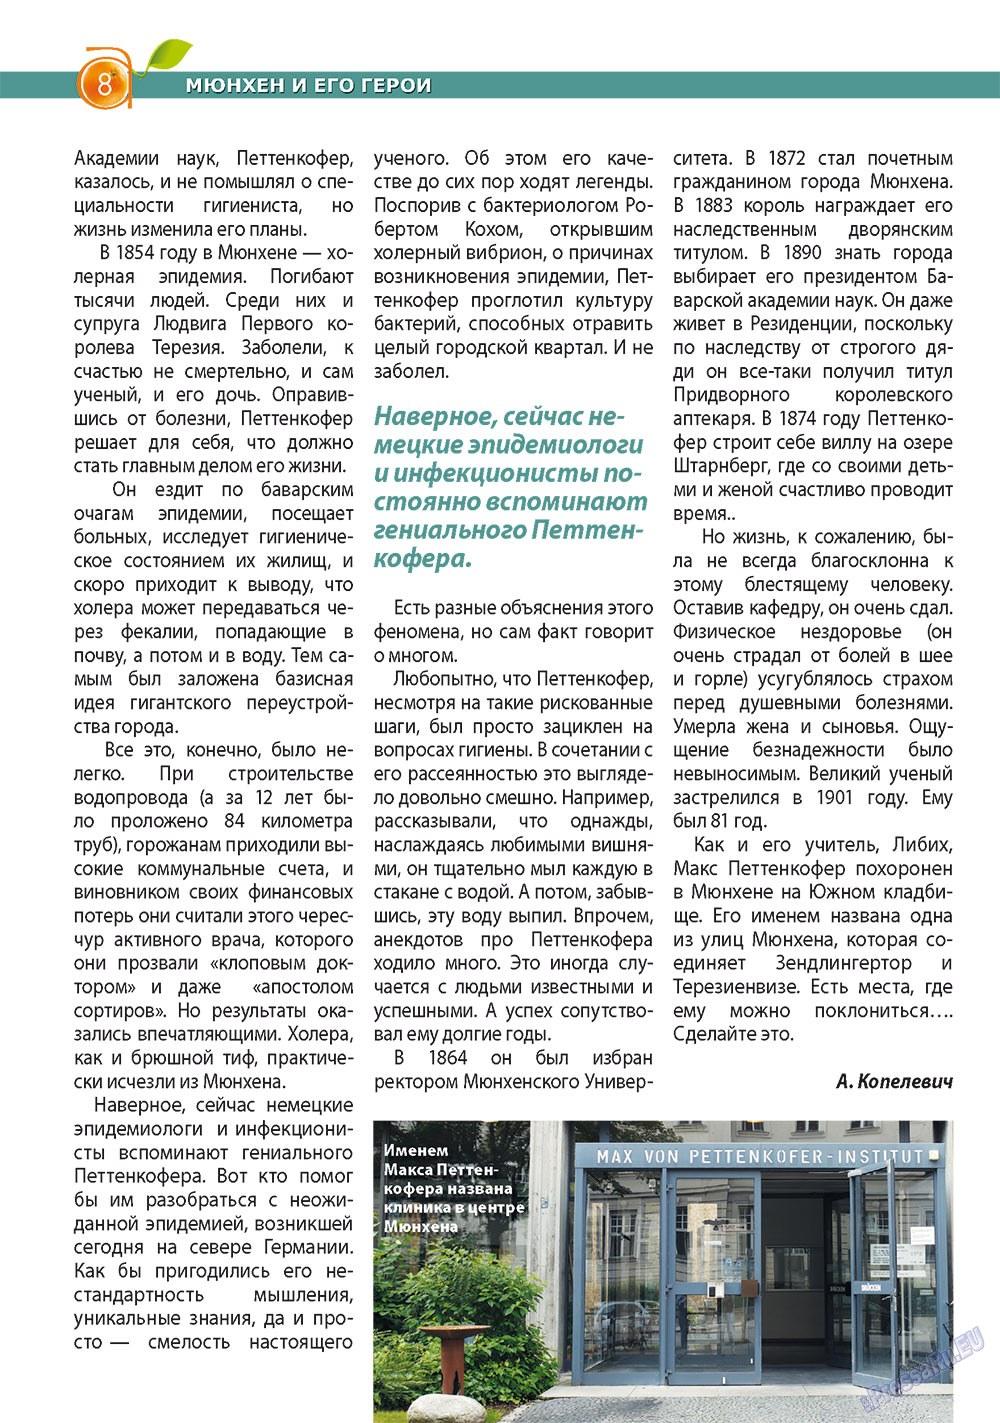 Апельсин (журнал). 2011 год, номер 24, стр. 8